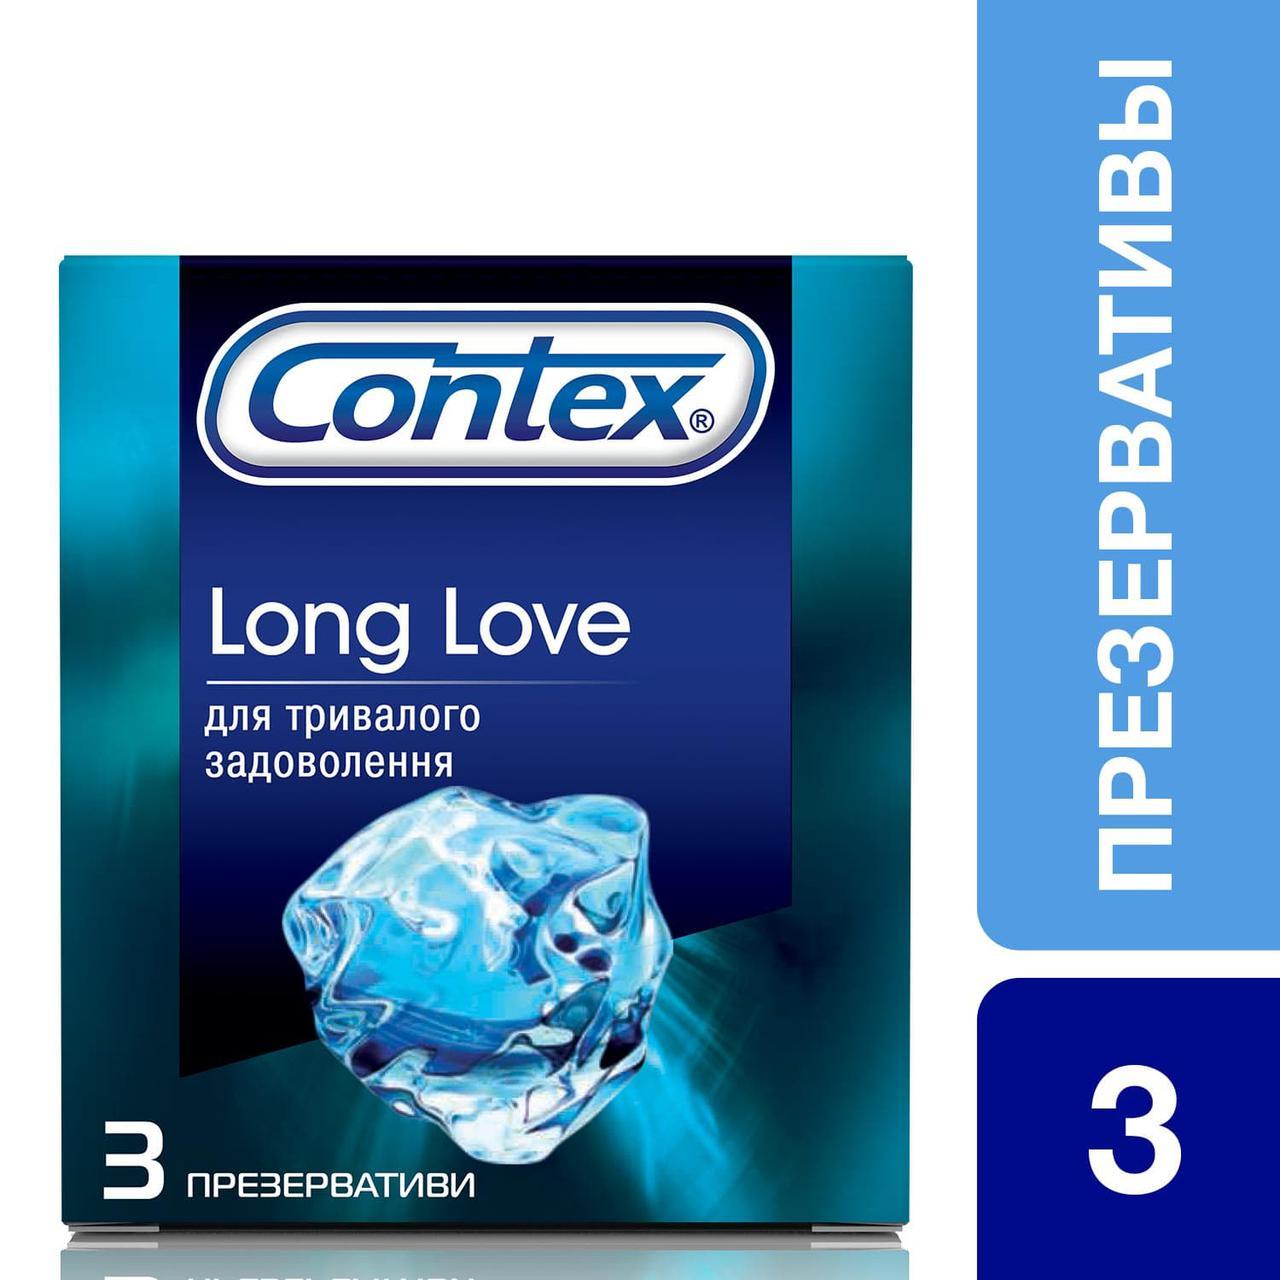 Презервативы Contex® Long Love (для длительного удовольствия) №3